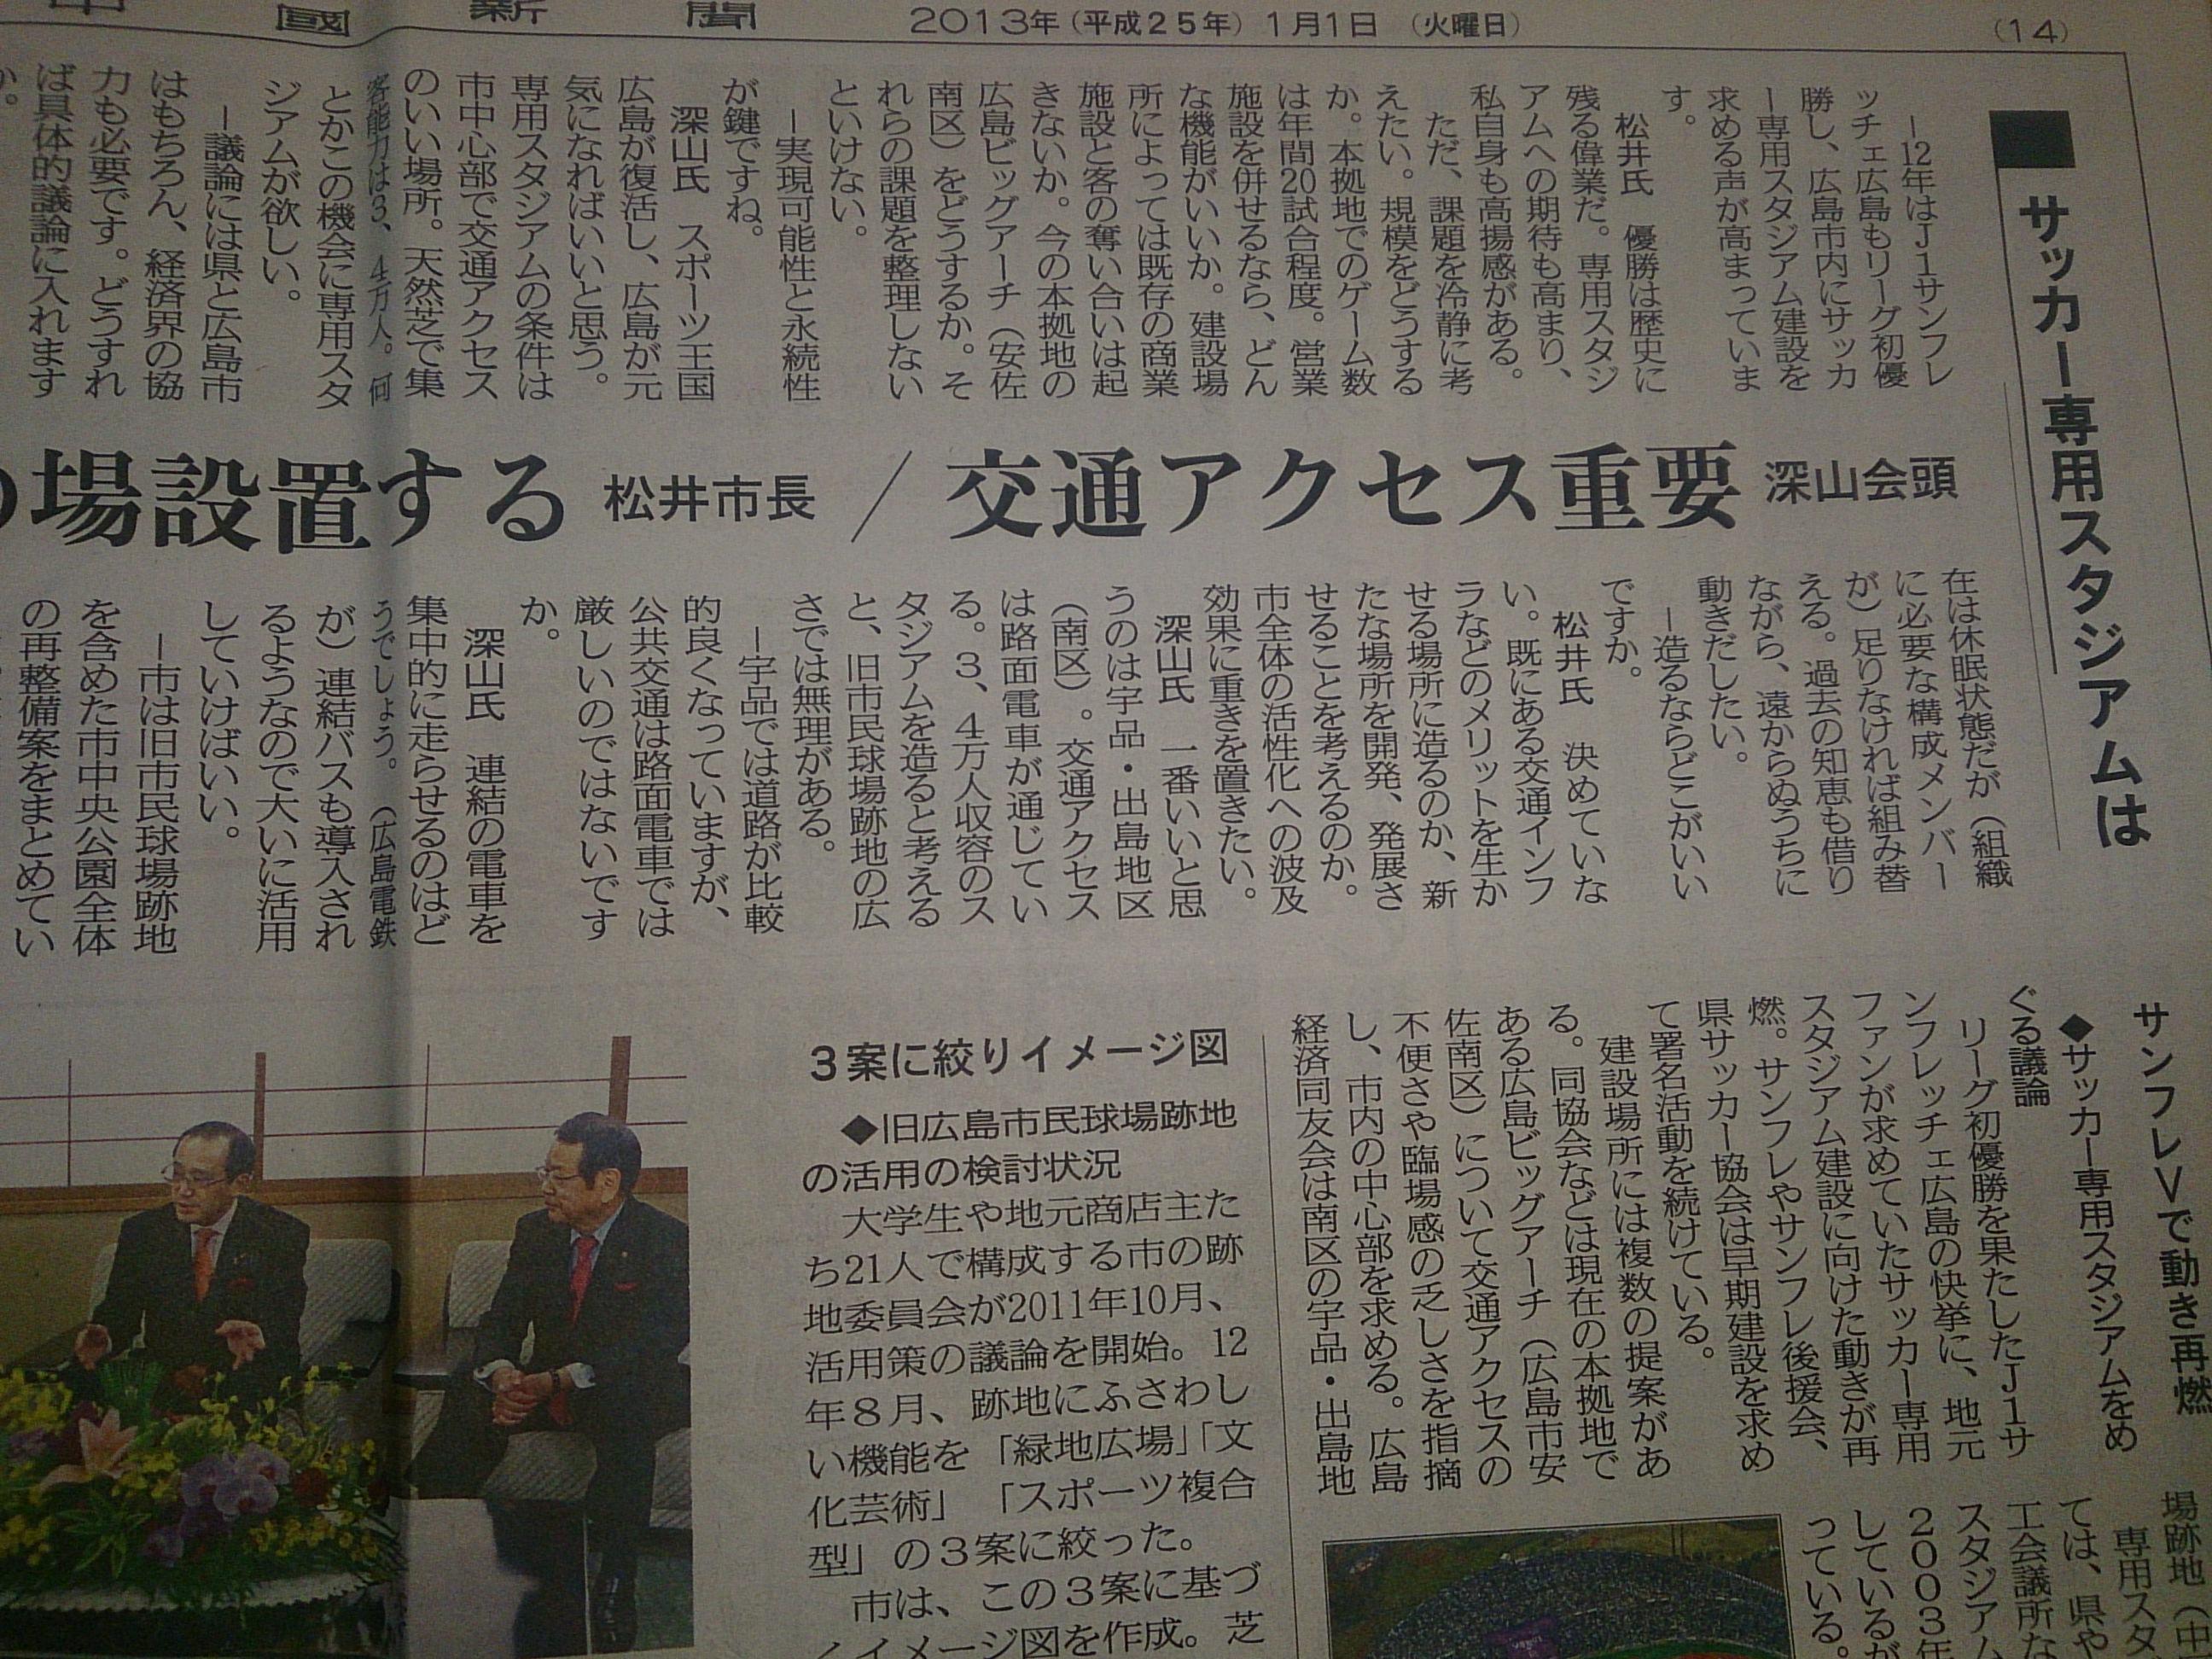 中国新聞20130101 001